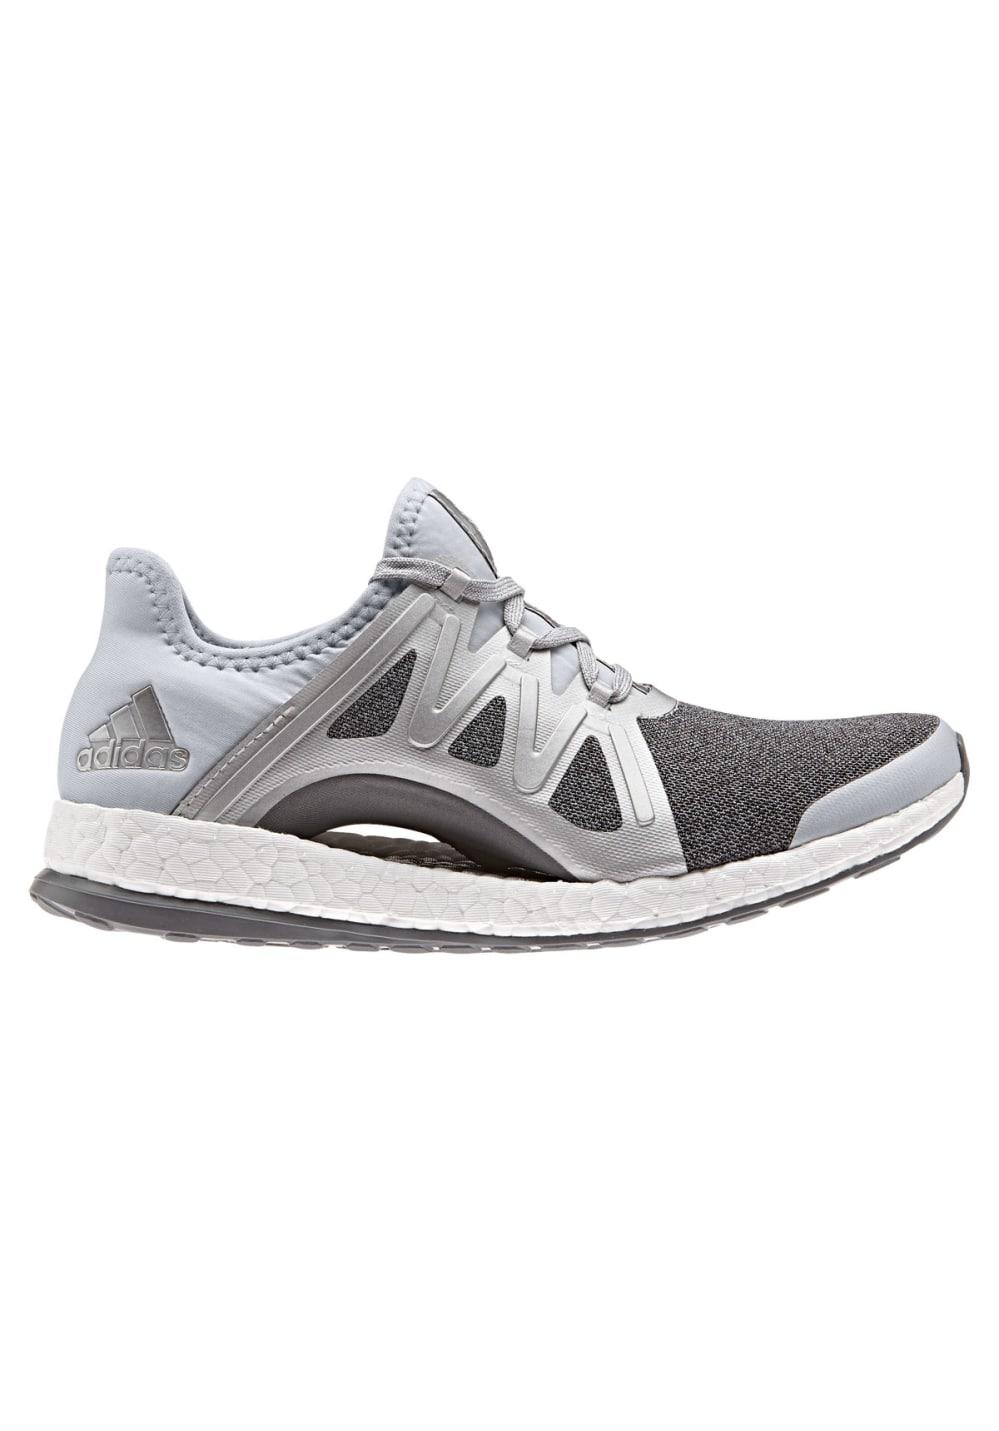 adidas Pure Boost Xpose - Laufschuhe für Damen - Grau